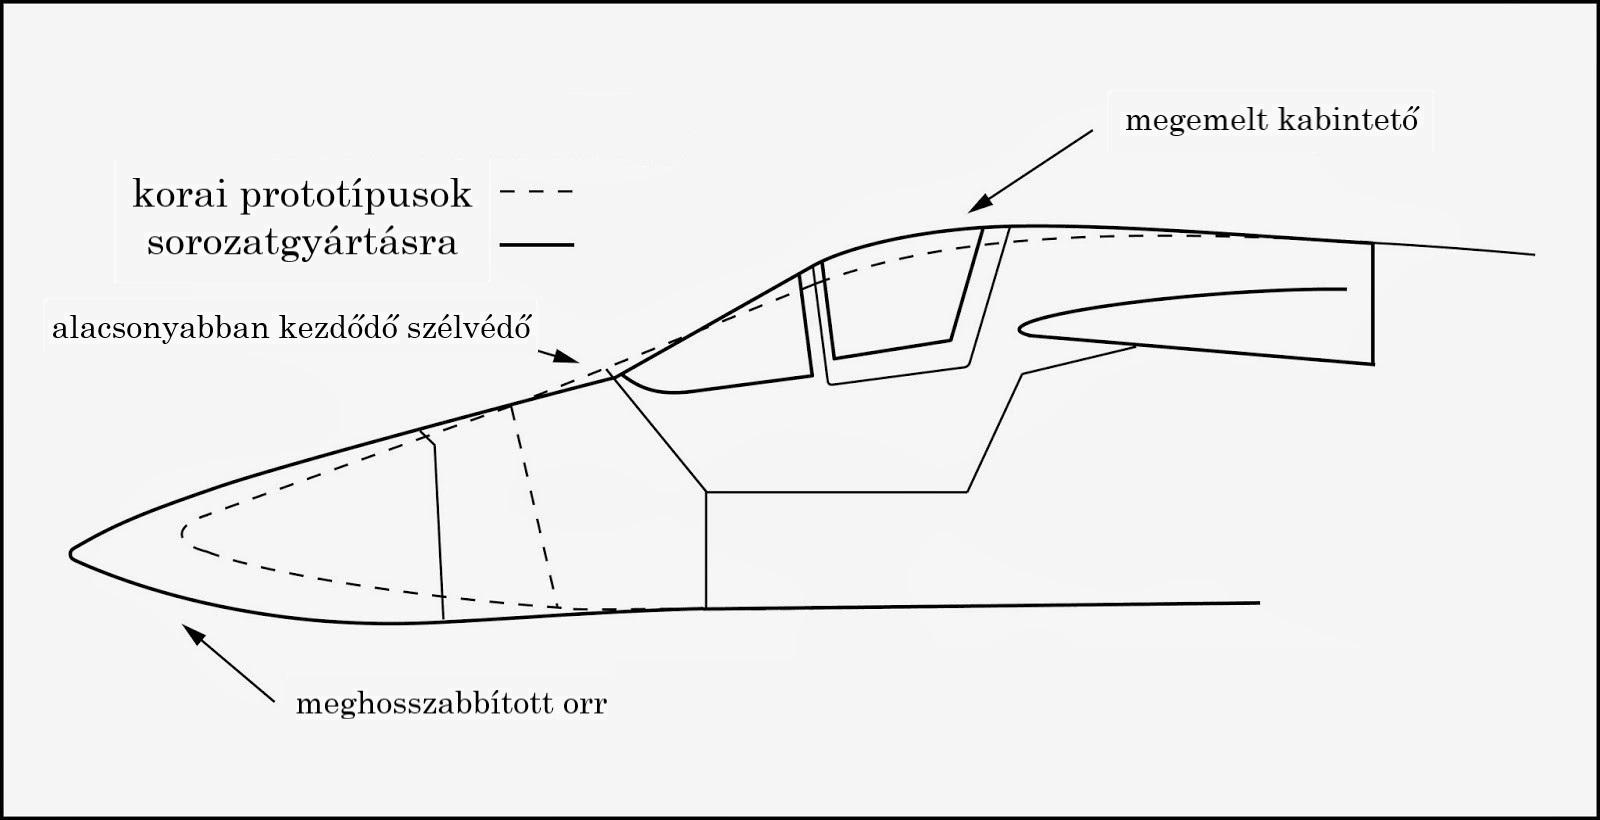 f-111b_production_forward_fuselage.jpg